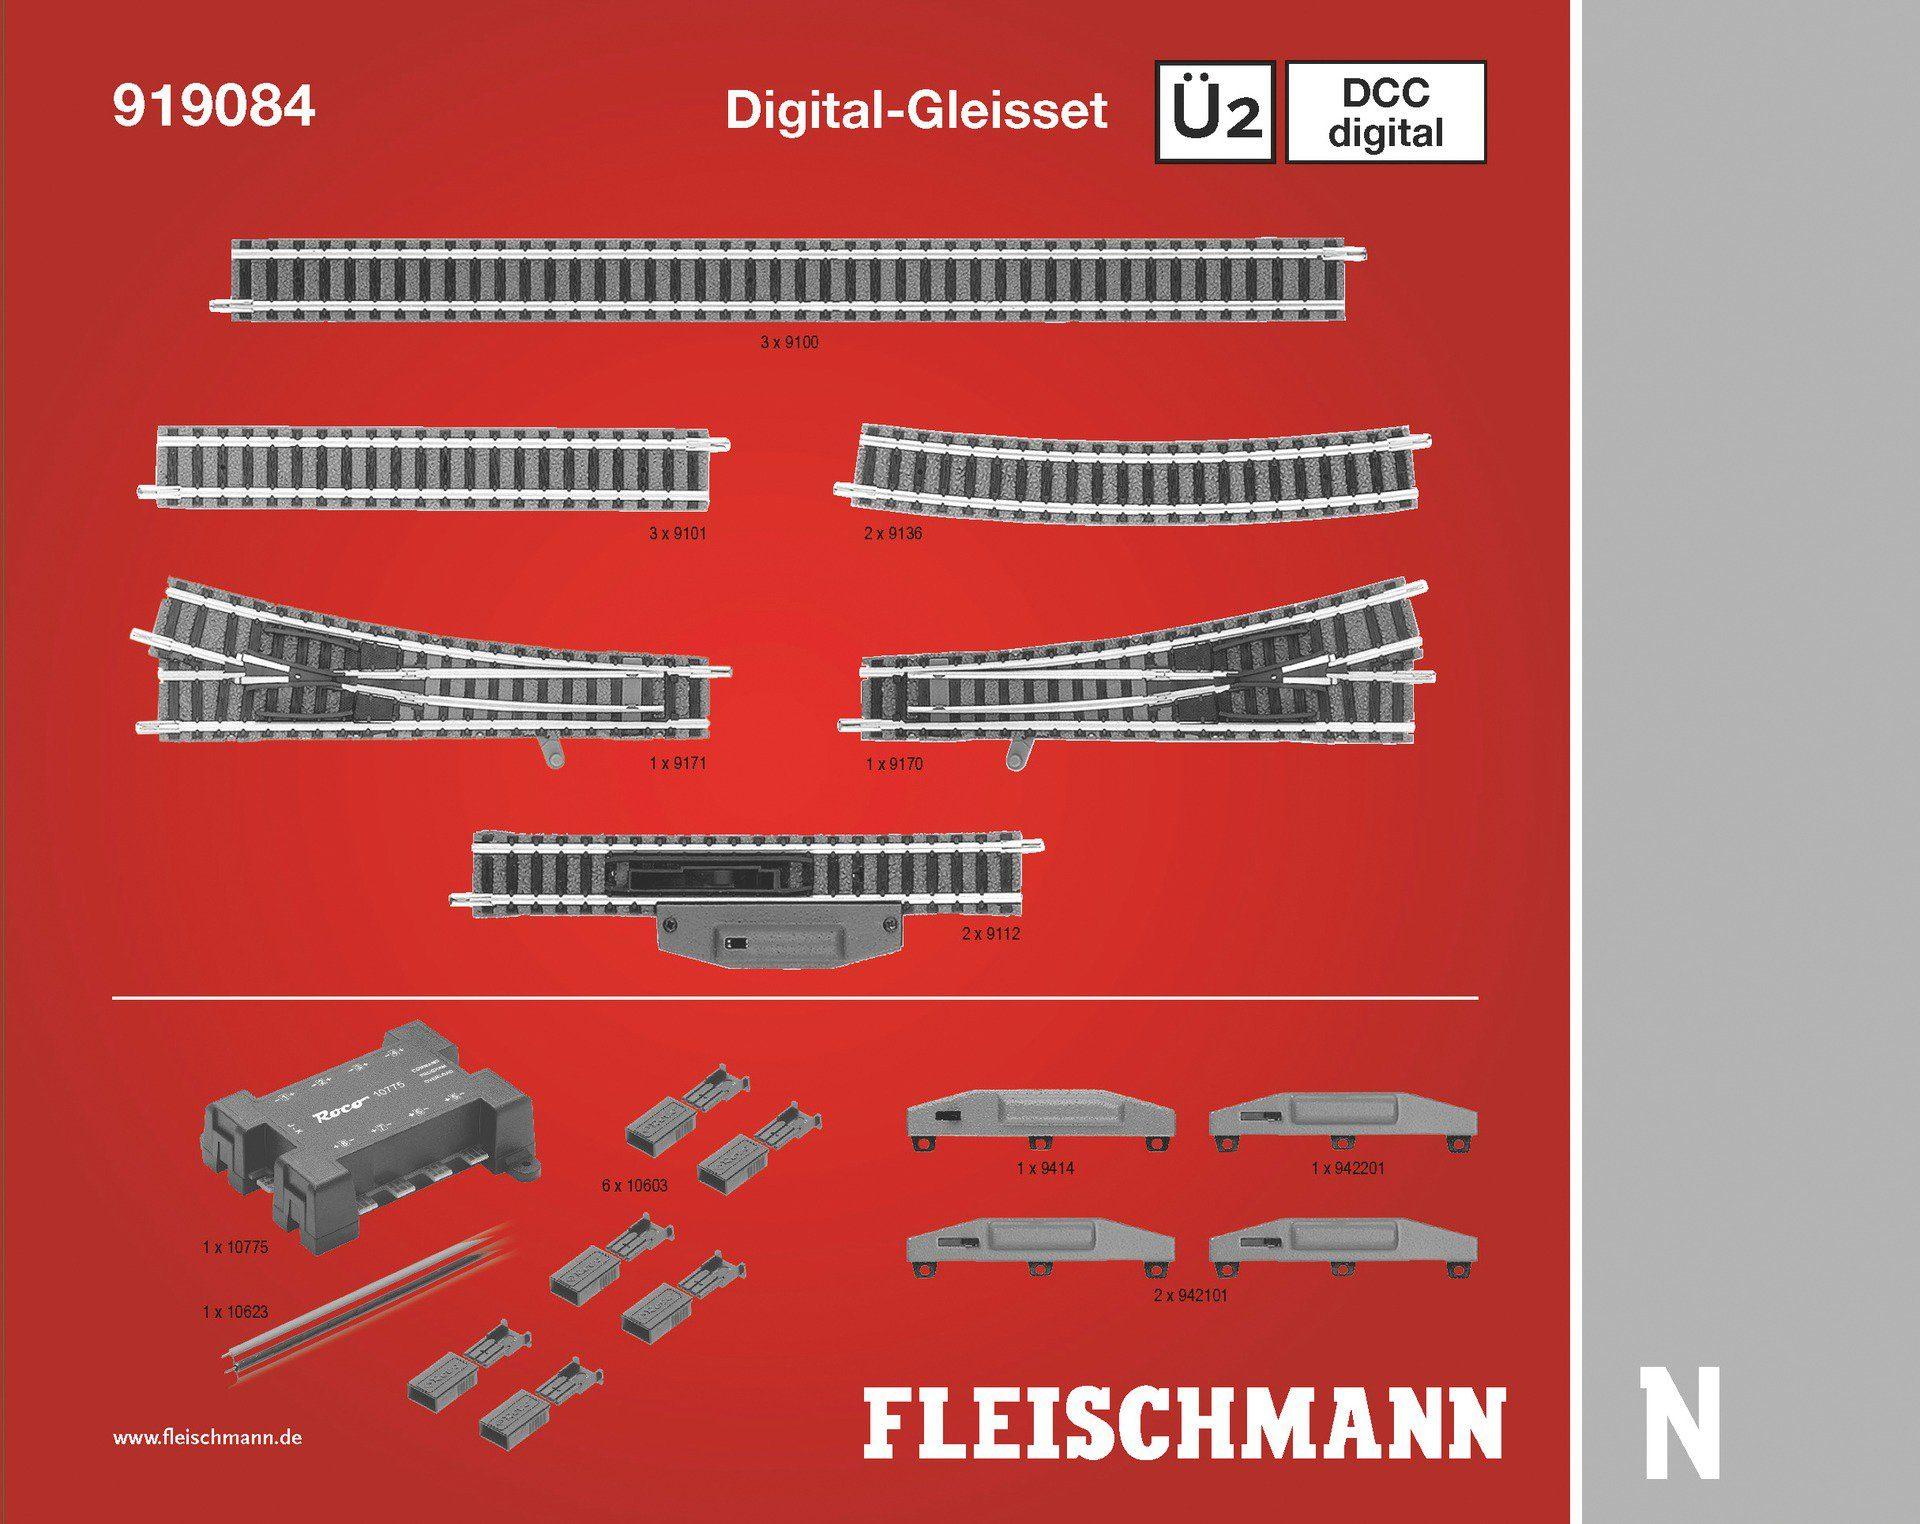 Fleischmann® Digitales Gleisset, Spur N, »Ü2D - Gleichstrom«